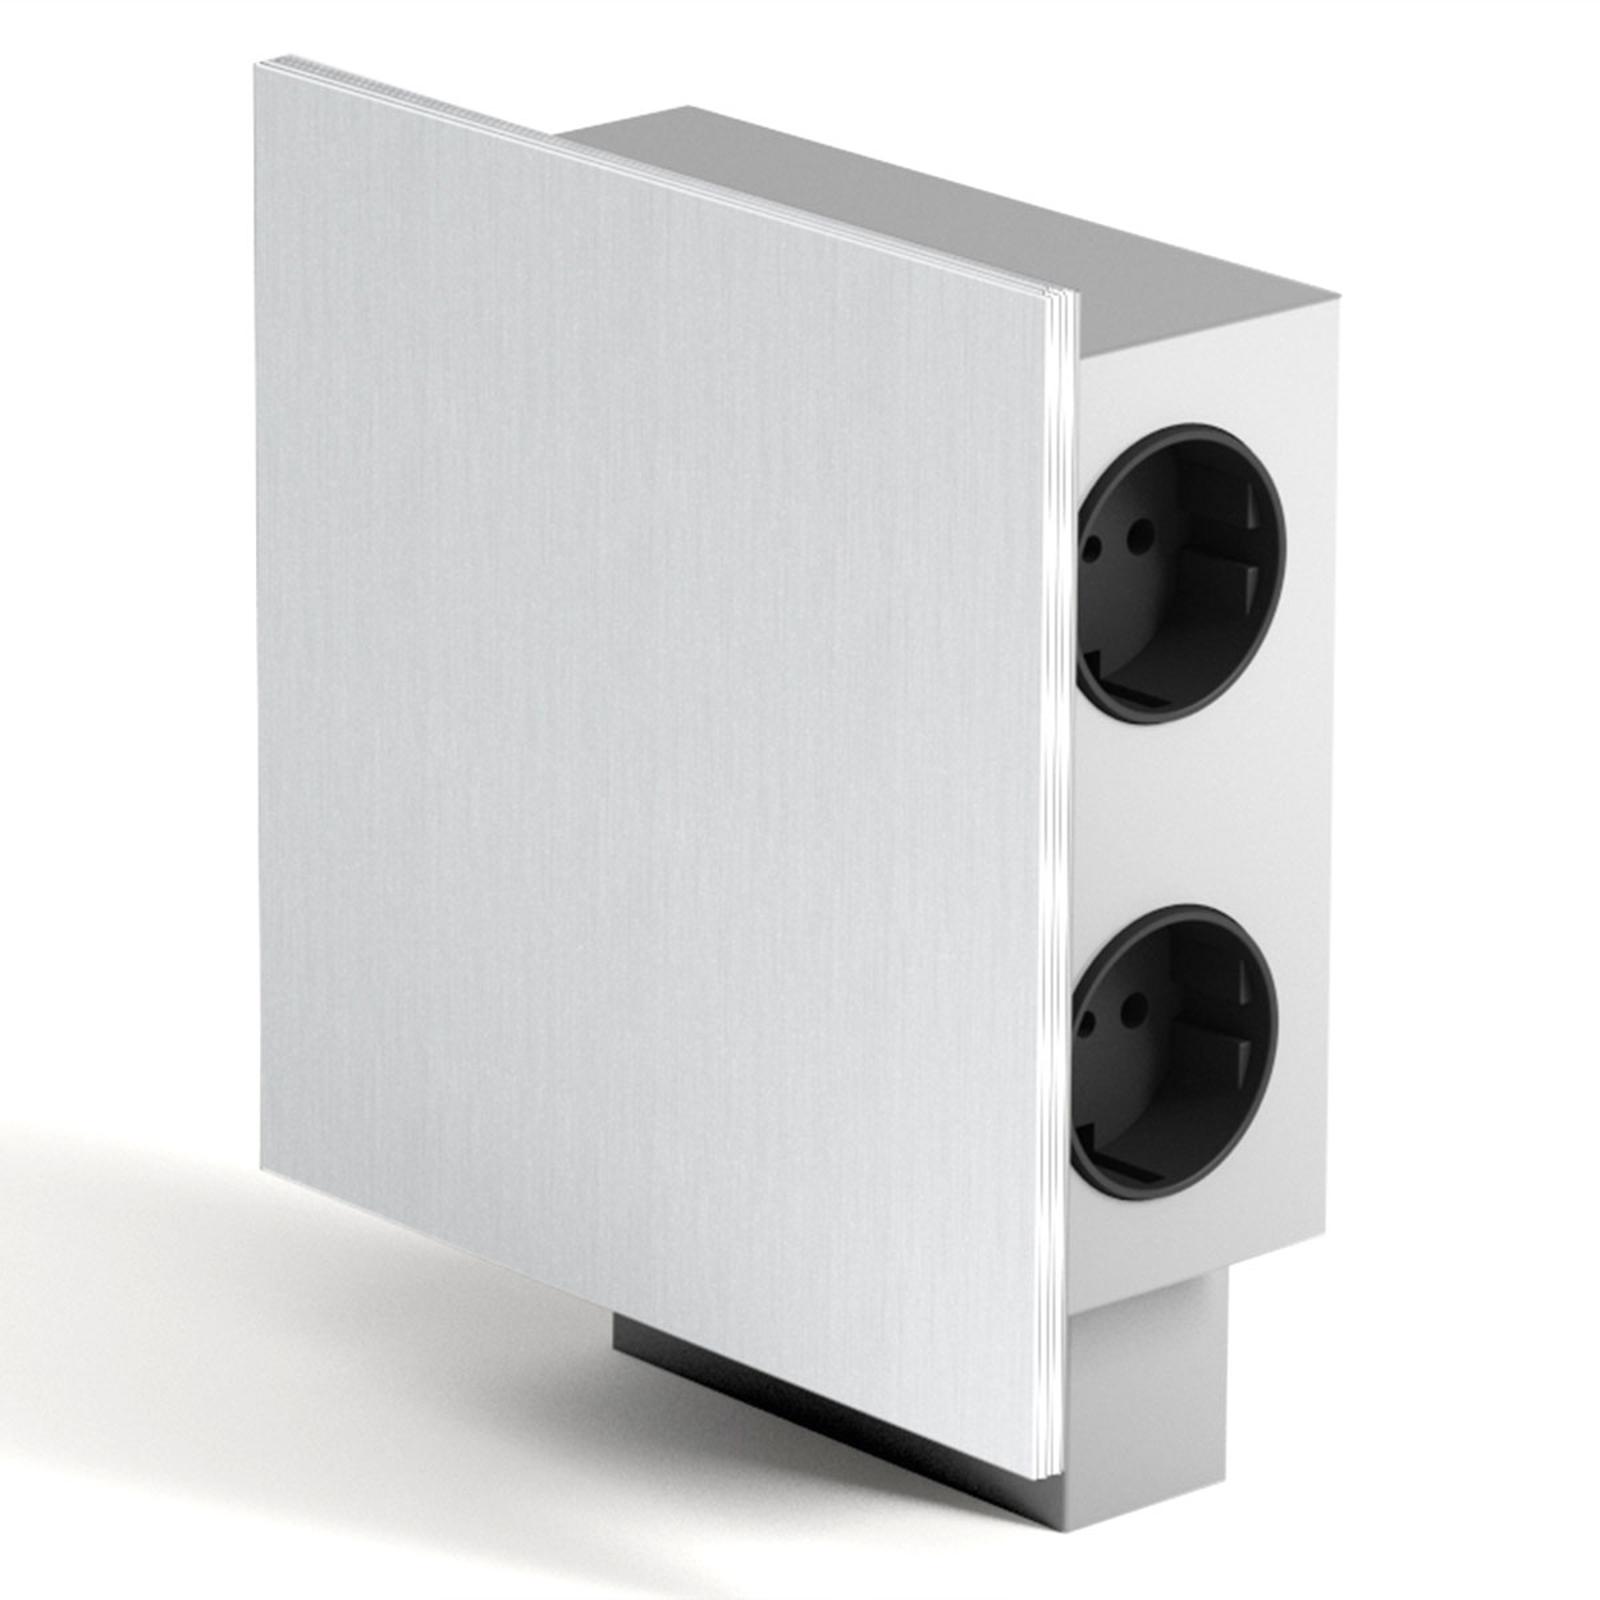 Energiboks Power 3 stikkontakter 2 USB-innganger